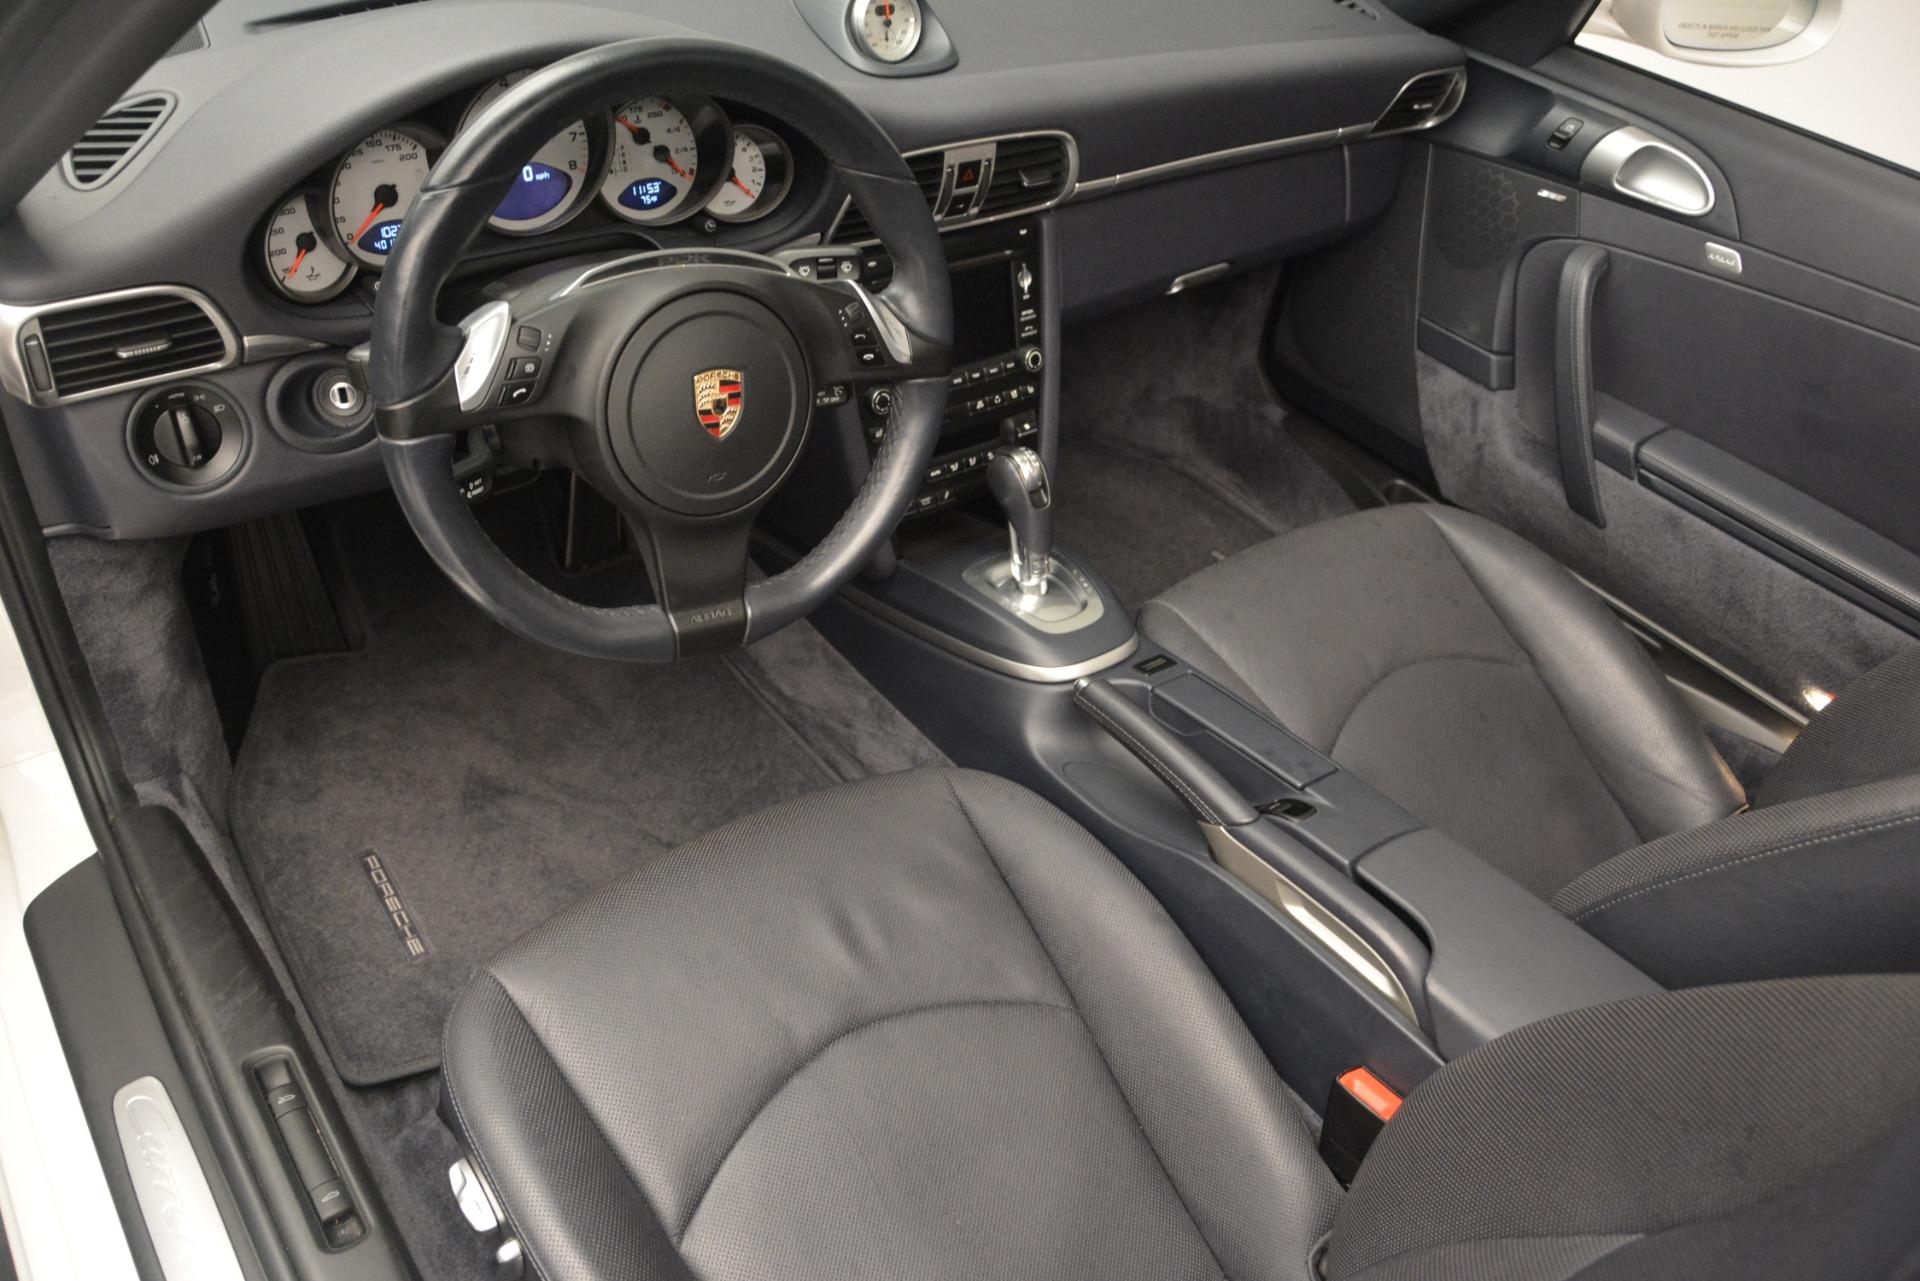 Used 2011 Porsche 911 Carrera 4S For Sale In Greenwich, CT 2600_p17